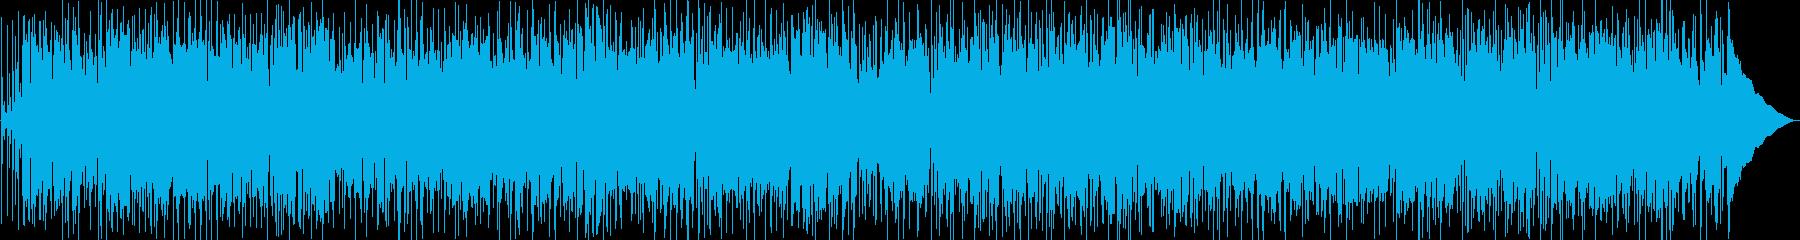 真夜中を走り抜けていくようなファンクの再生済みの波形